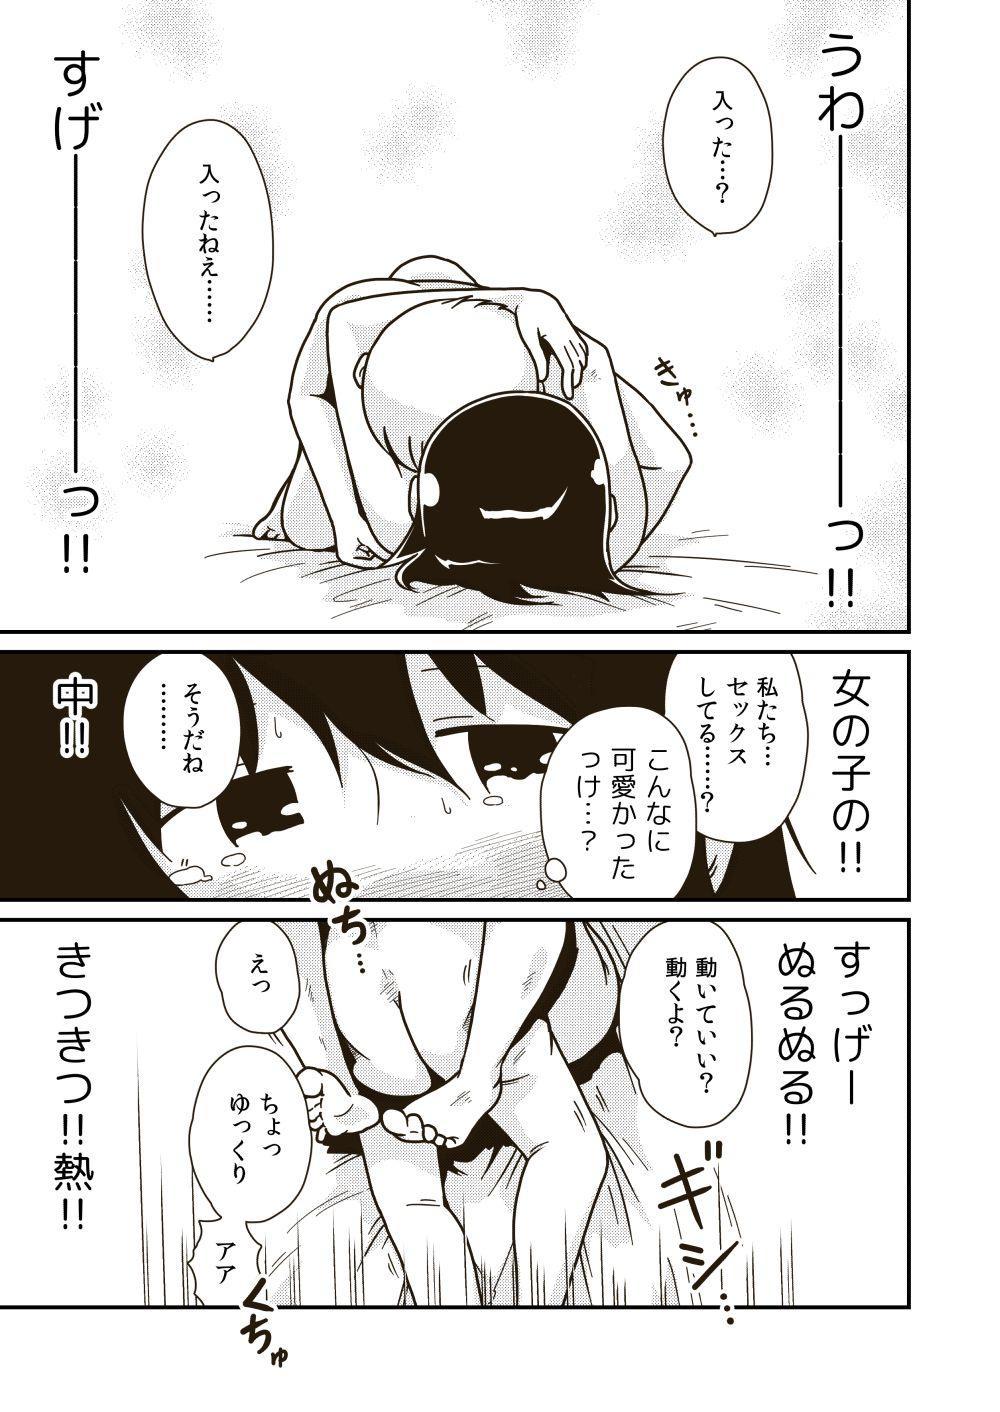 Futari no Hajimete 18